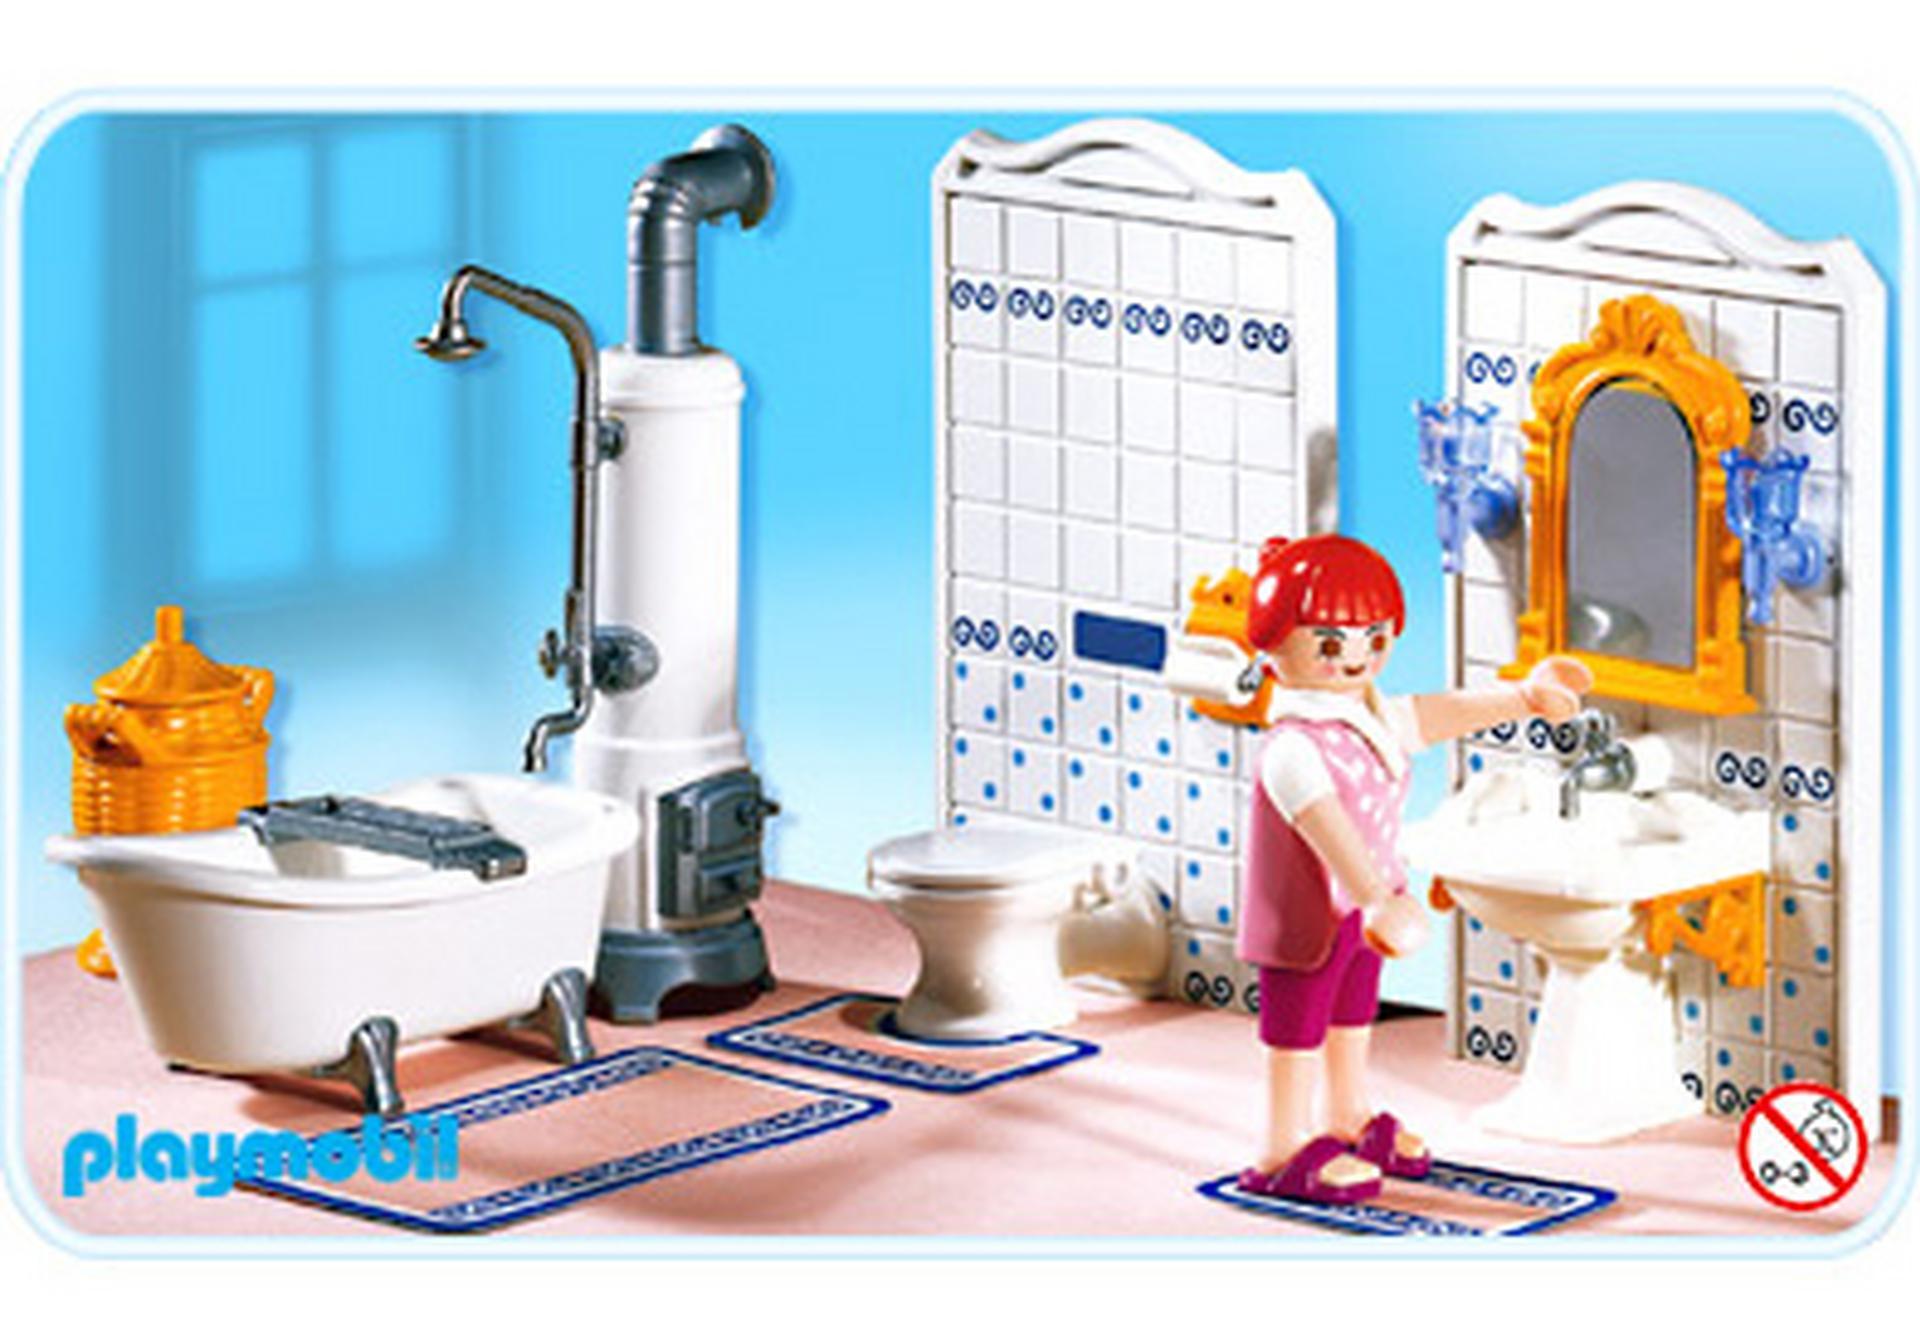 Maman salle de bains traditionnelle 5318 a playmobil for Salle de bain maison ancienne